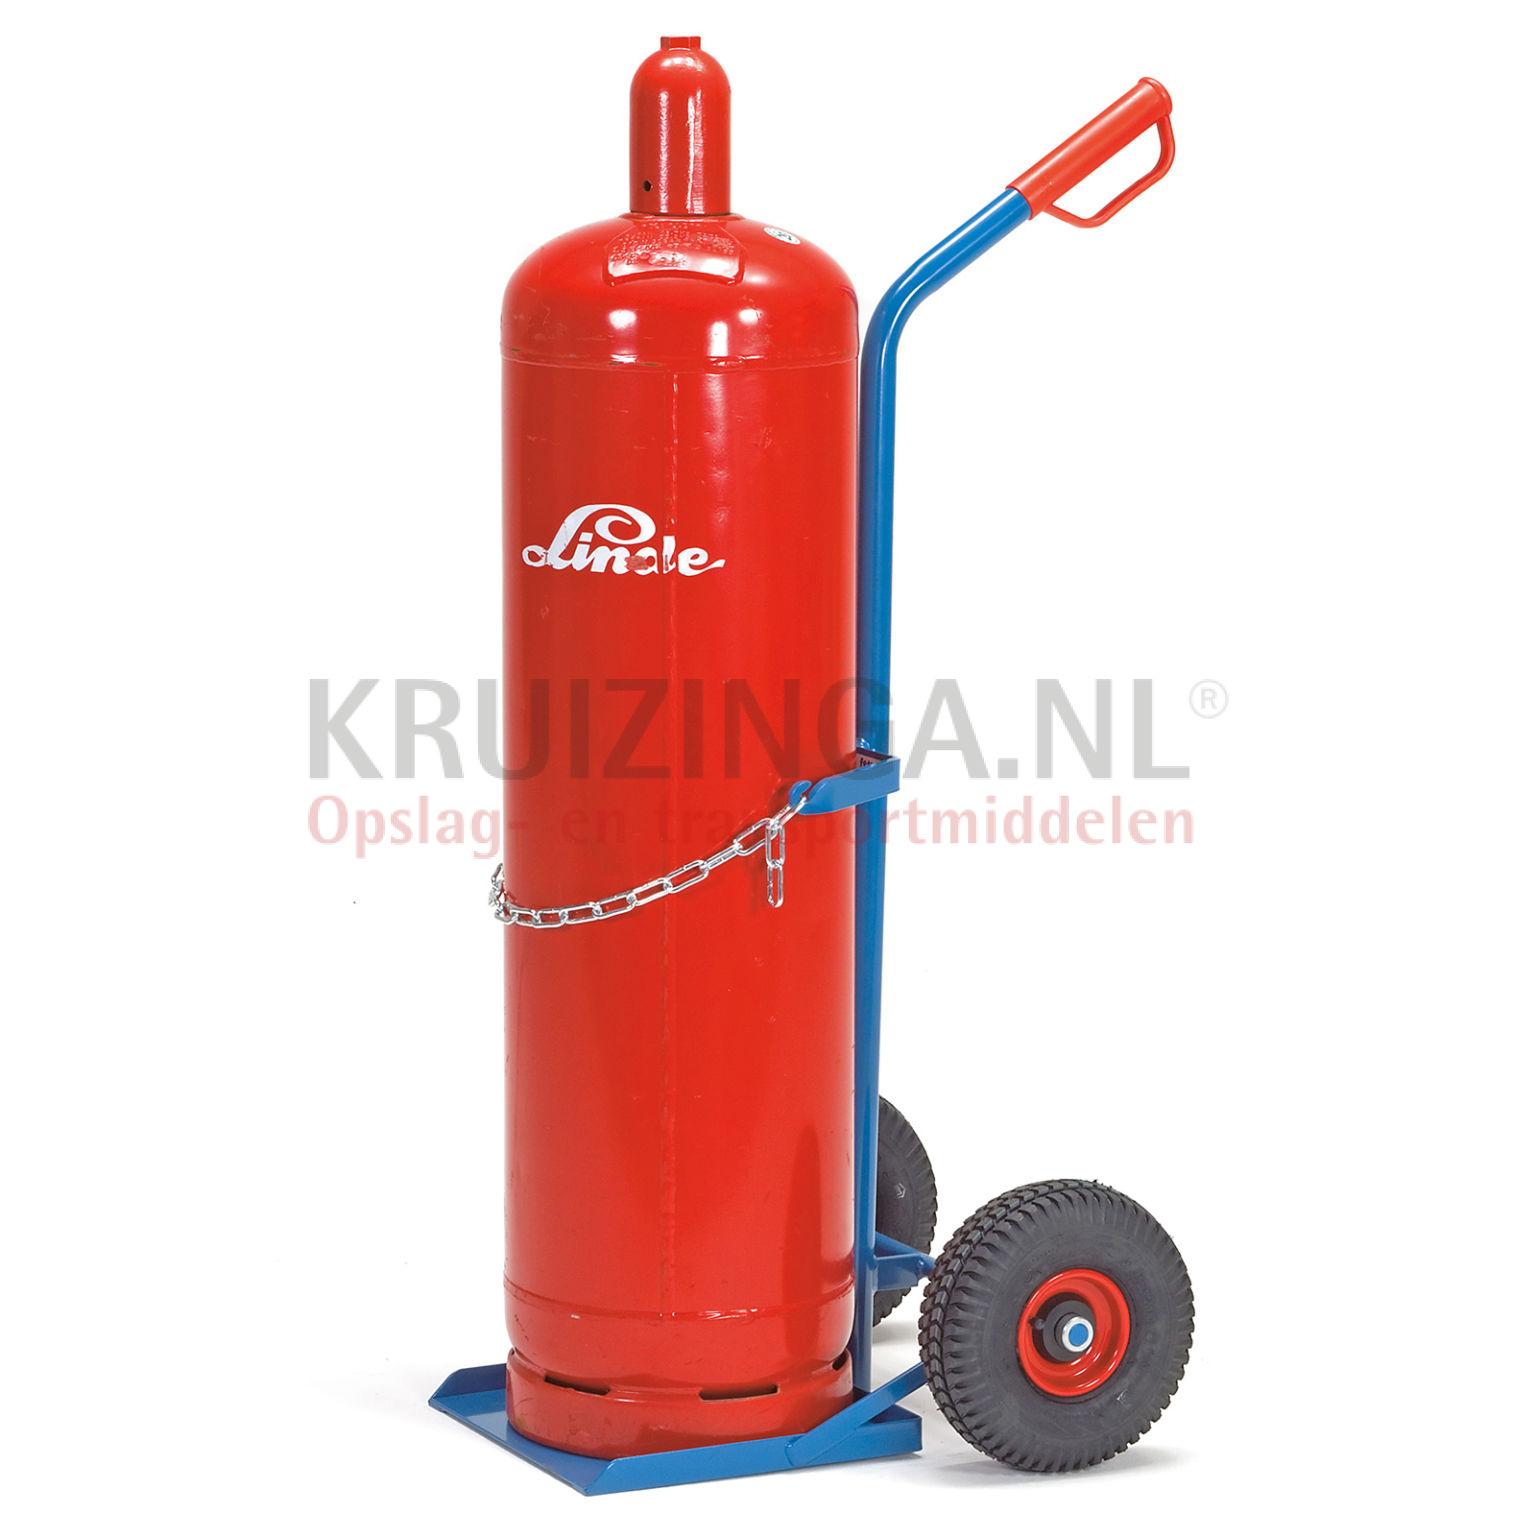 box stockage pour des bouteilles gaz chariot porte bouteilles gaz pour 1 bouteille propane. Black Bedroom Furniture Sets. Home Design Ideas